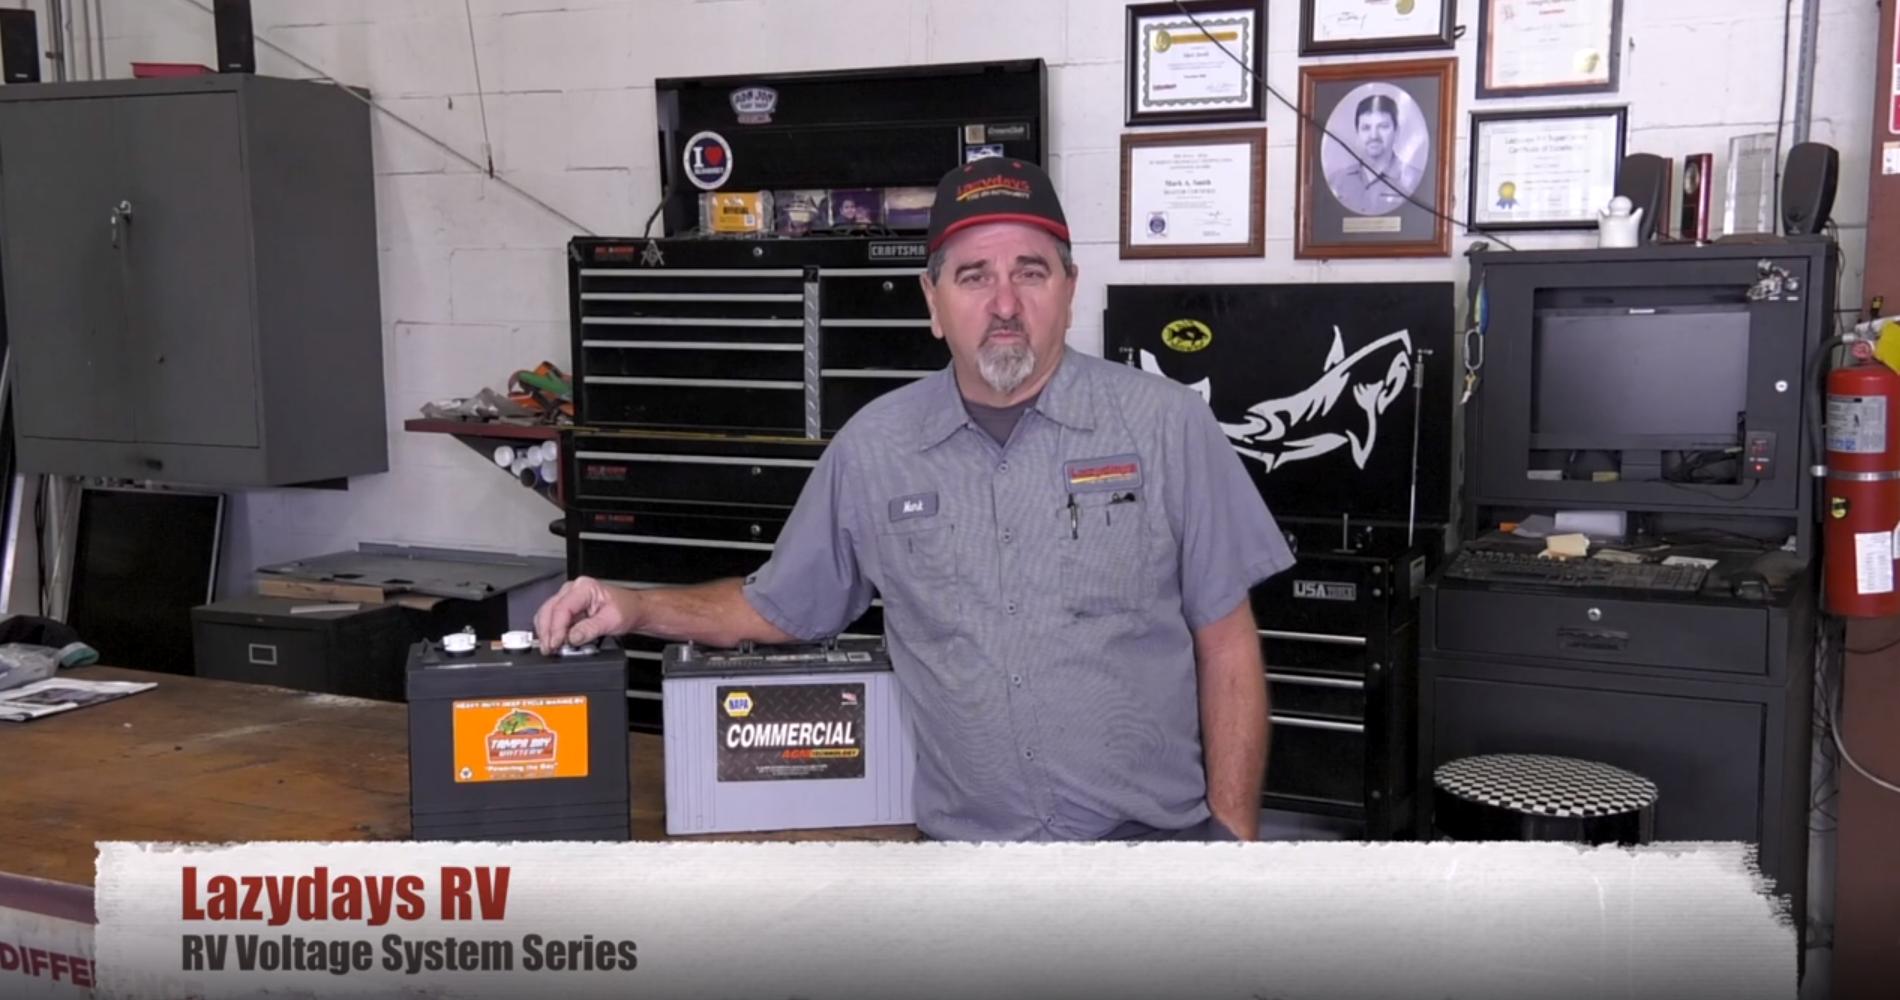 Lazydays RV master certified technician Mark Smith